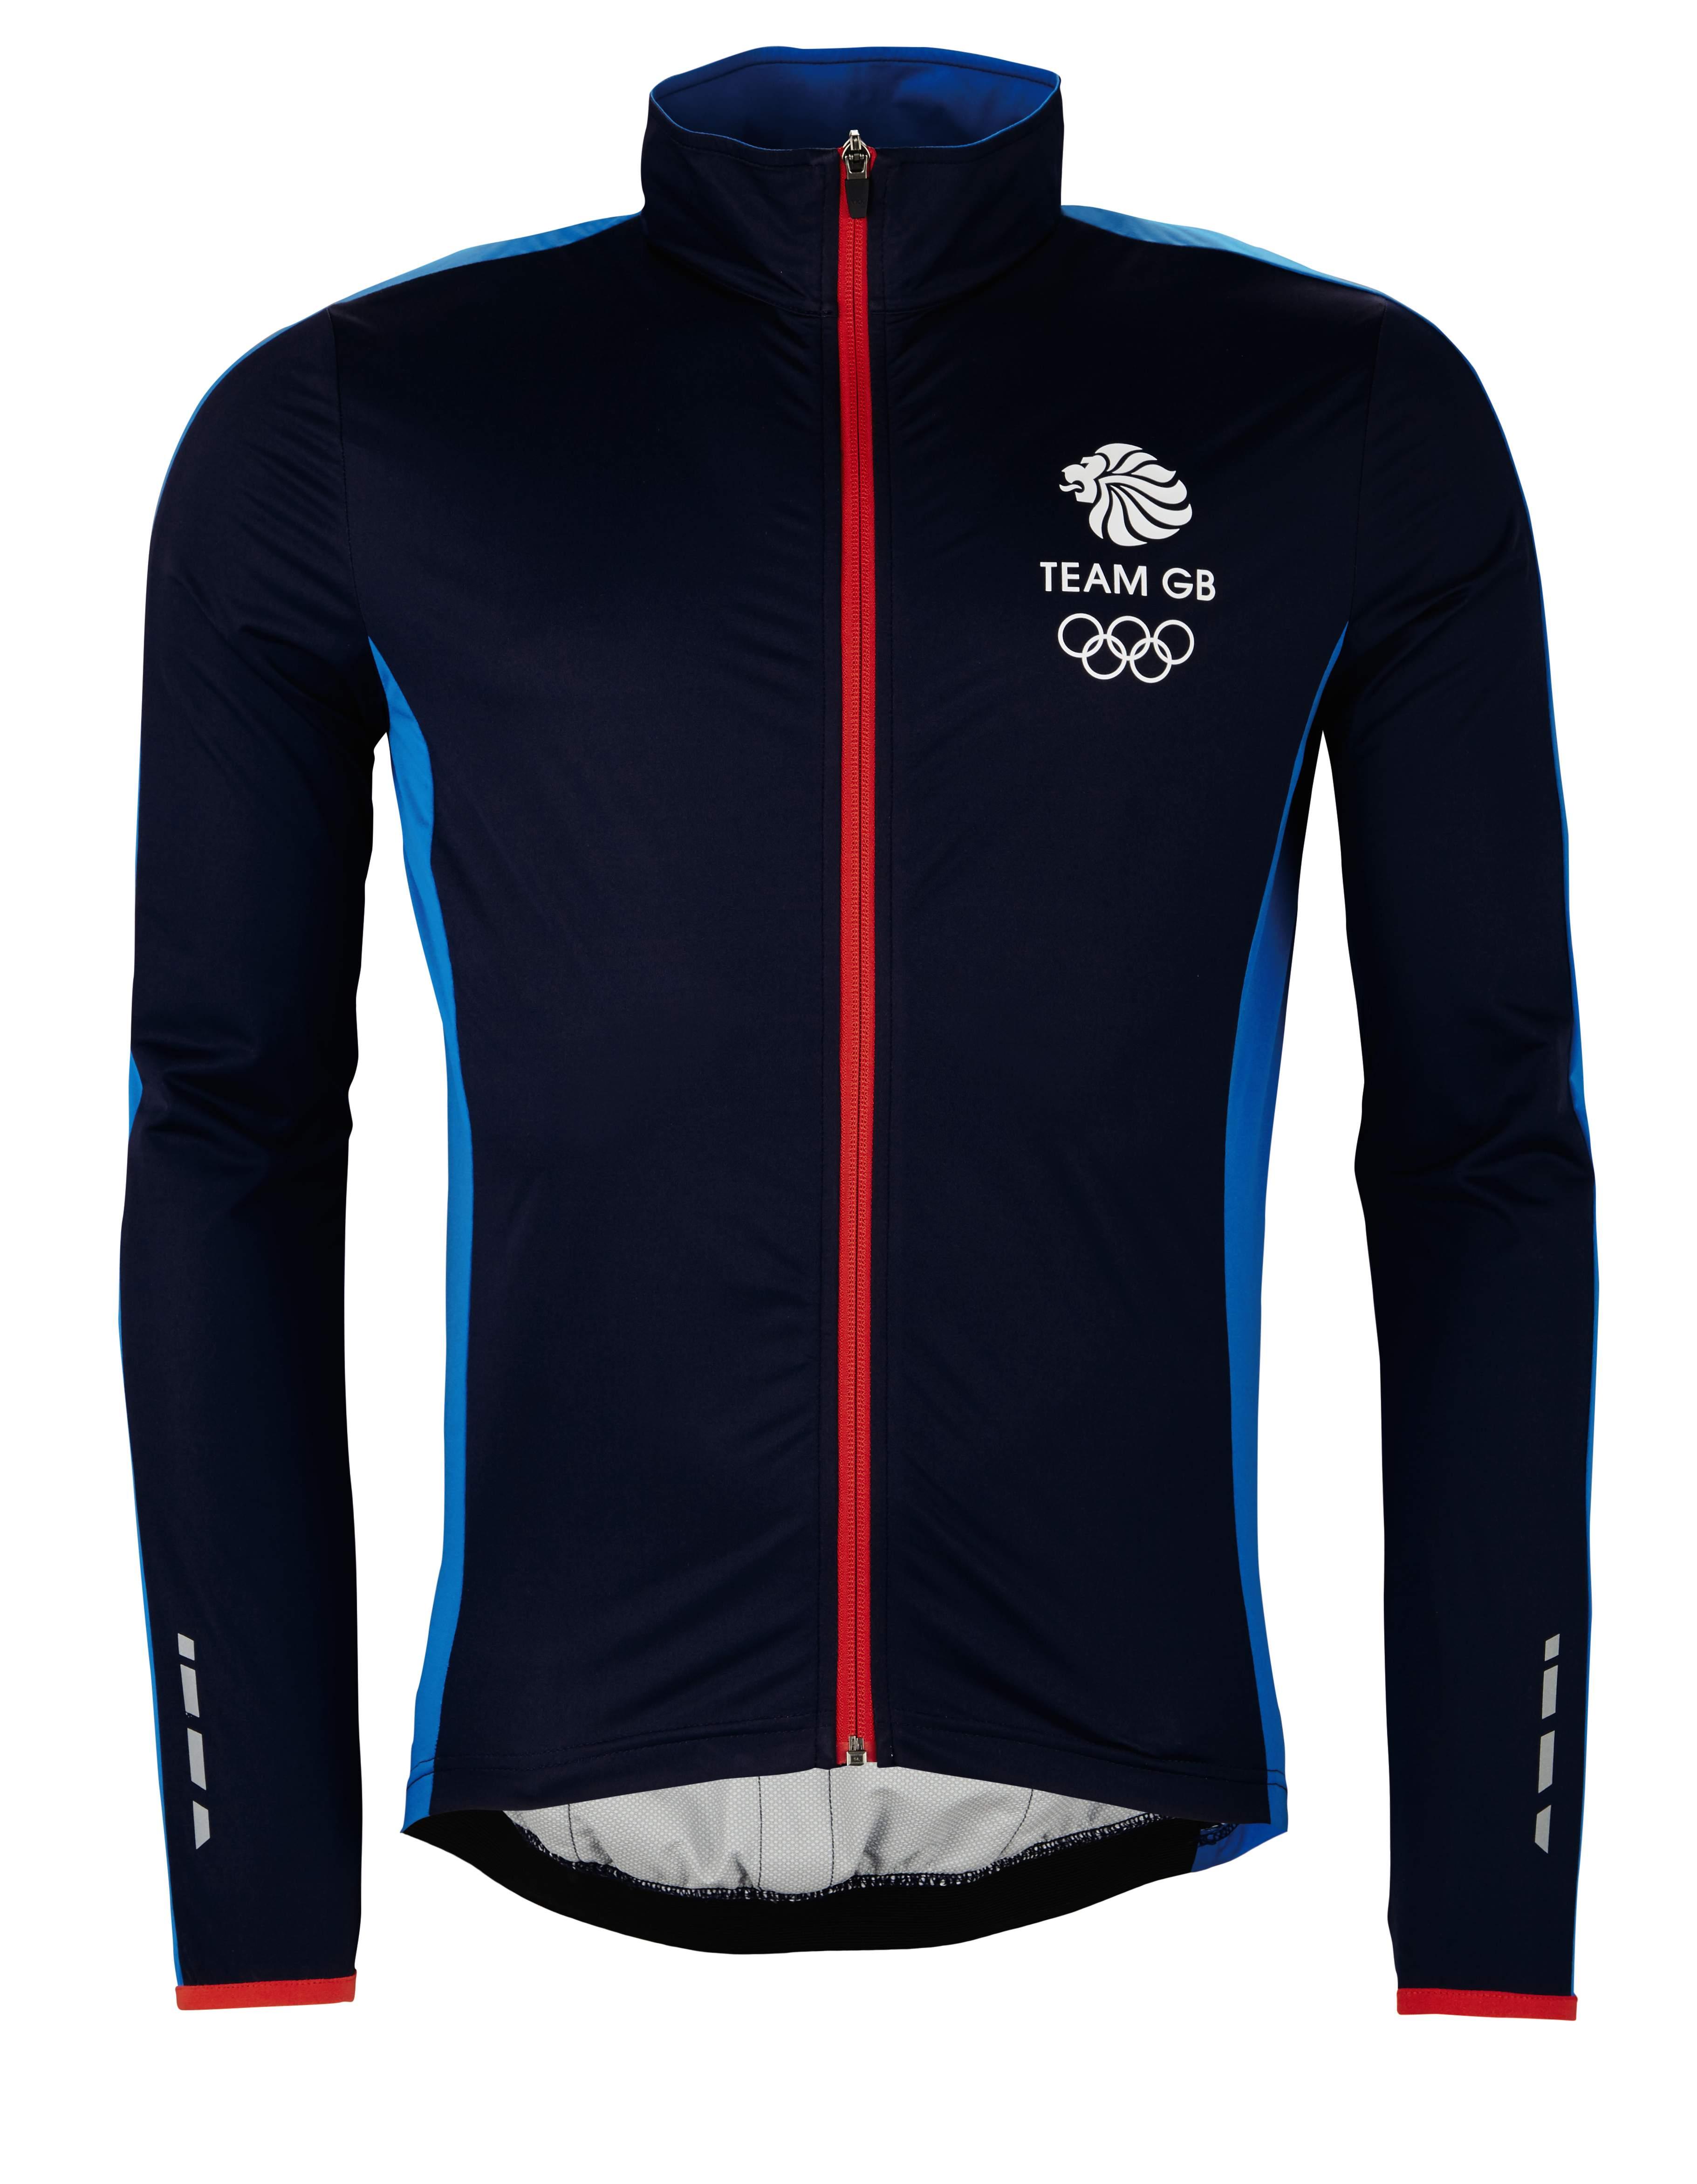 Mens ladies cycling jacket (6)